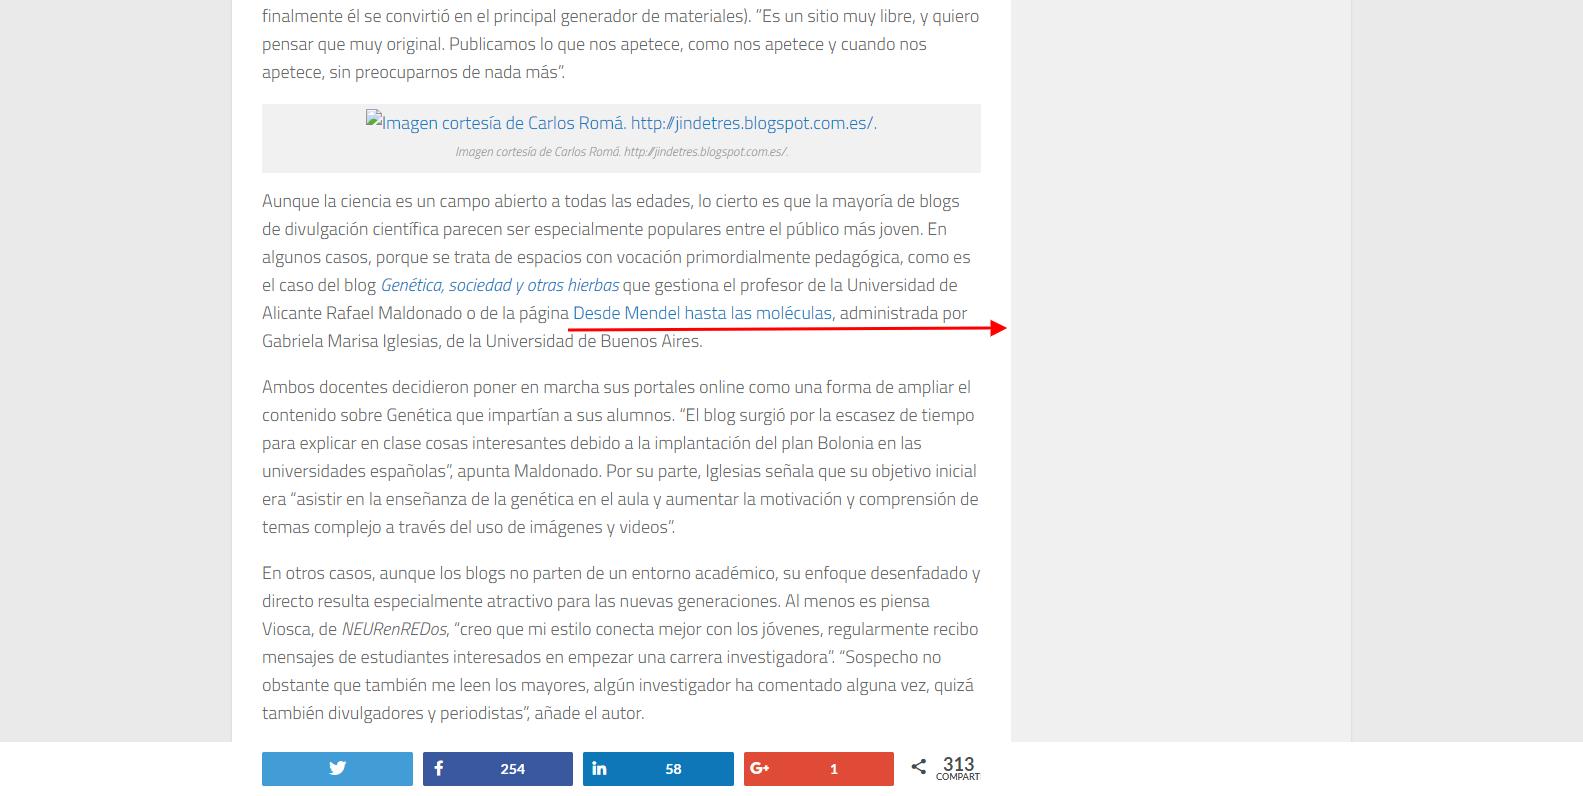 revistageneticamedica.com